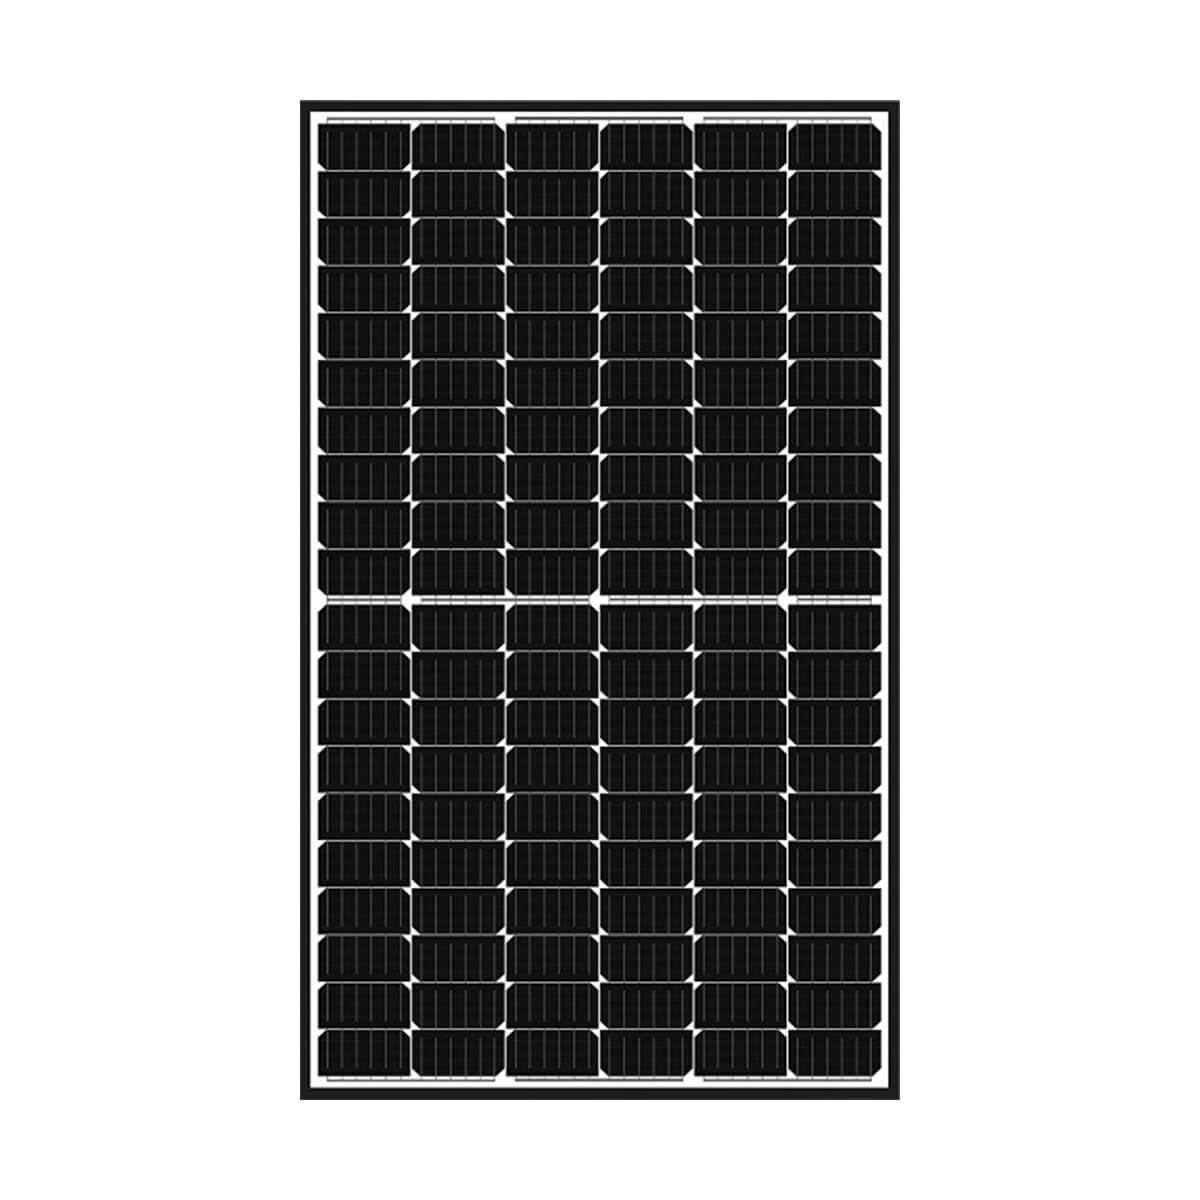 seraphim 360W panel, seraphim 360Watt panel, seraphim 360 W panel, seraphim 360 Watt panel, seraphim 360 Watt monokristal half cut panel, seraphim 360 W watt gunes paneli, seraphim 360 W watt monokristal half cut gunes paneli, seraphim 360 W Watt fotovoltaik monokristal half cut solar panel, seraphim 360W monokristal half cut gunes enerjisi, seraphim SRP-360-BMA-HV panel, SERAPHIM 360 WATT